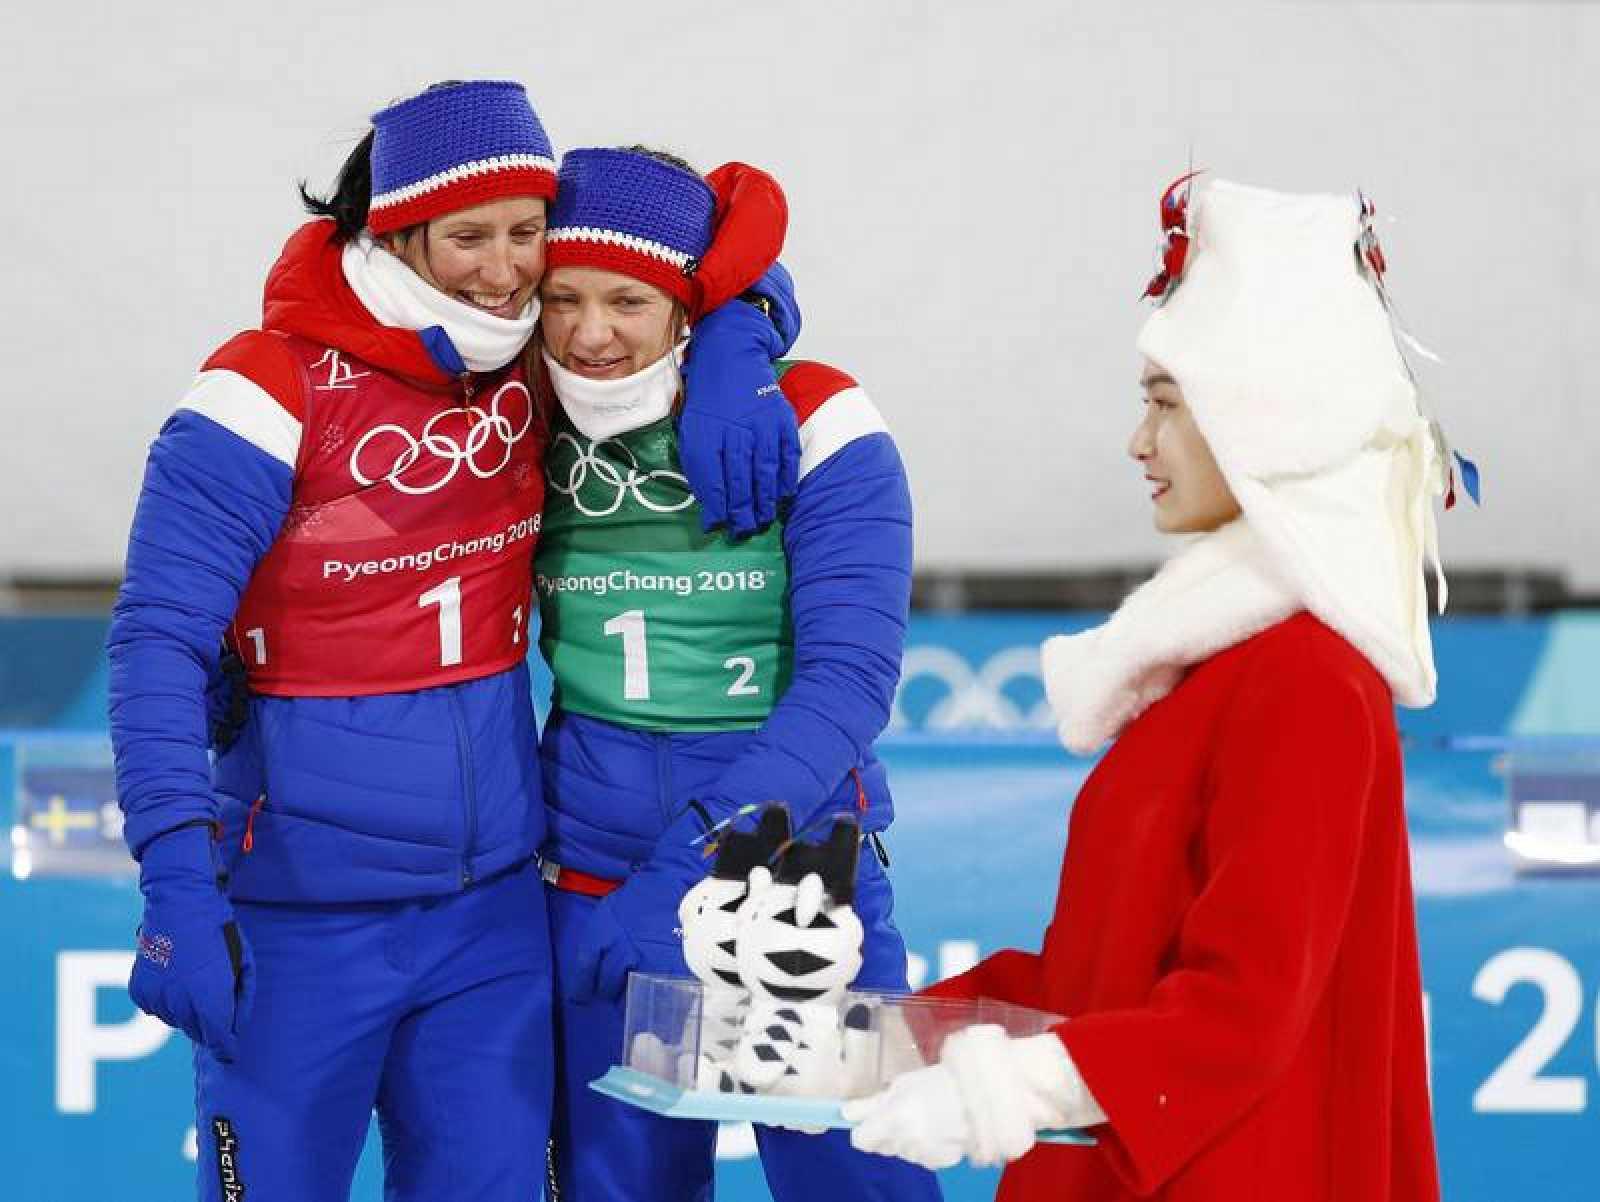 Marit Bjoergen es al atleta de invierno con más medallas en la historia de los Juegos.